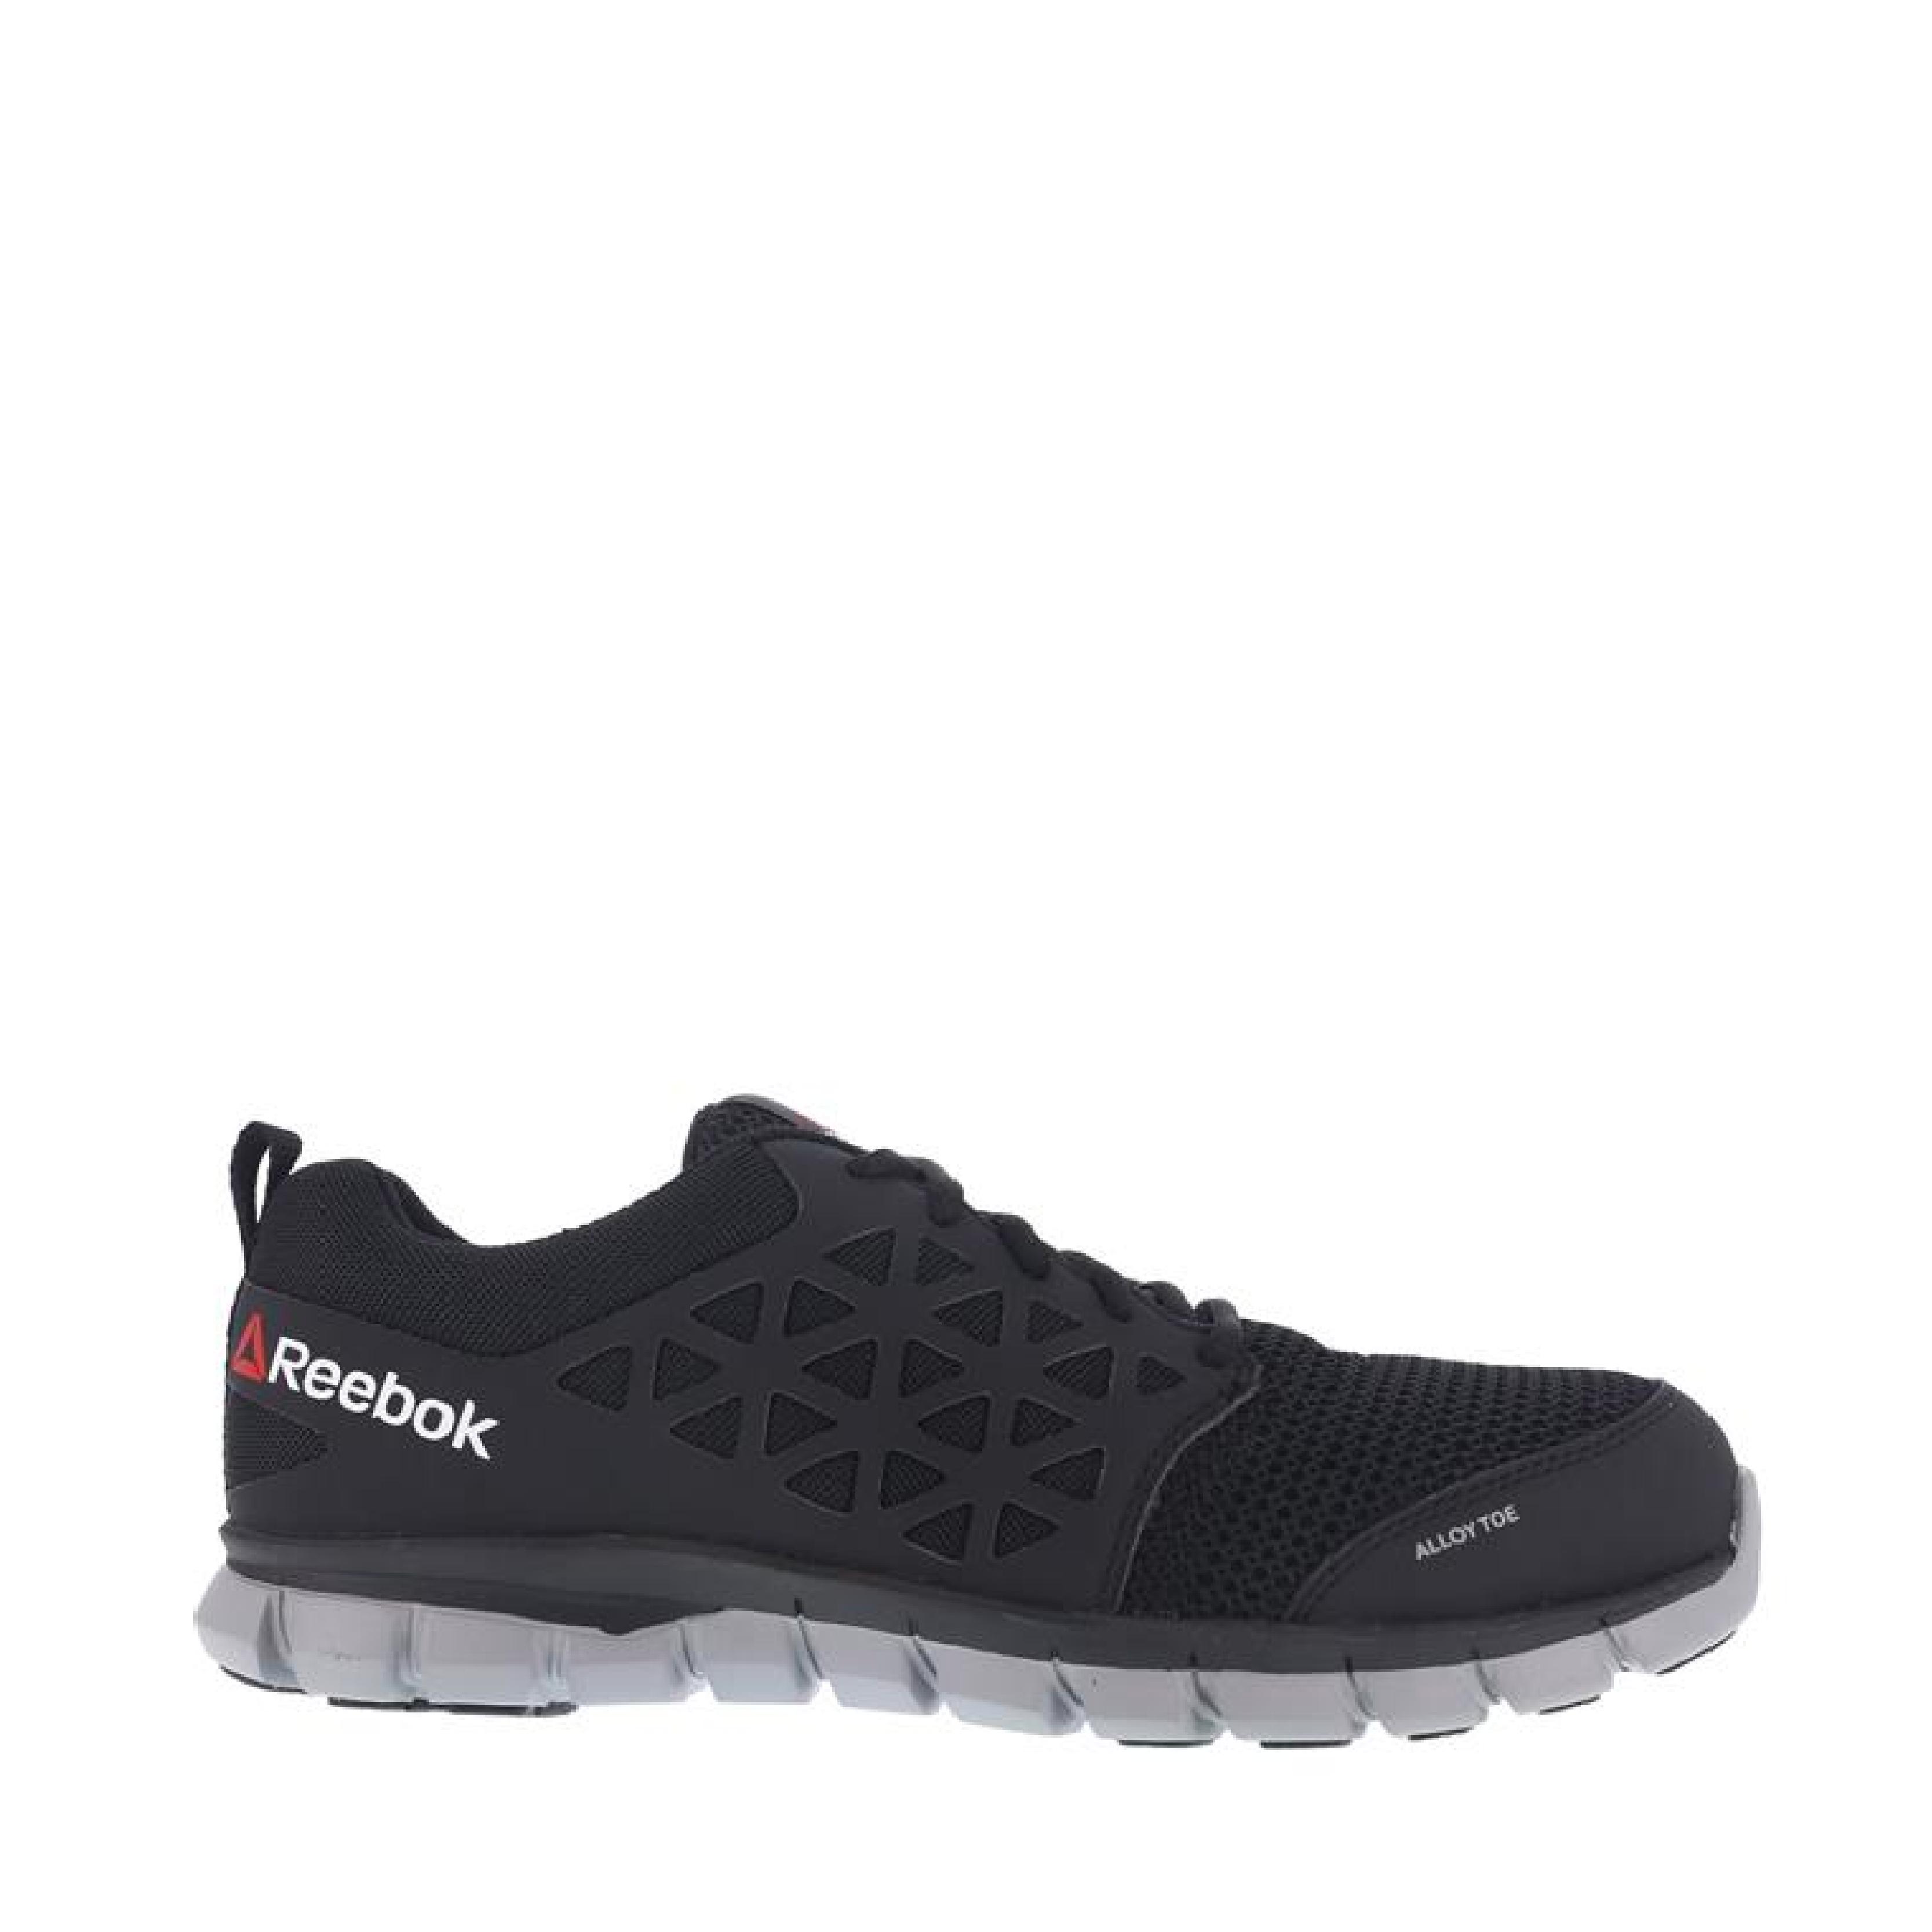 97bcd78c37e3a3 Sneaker-Sublite Cushion – Penn-Lee Footwear